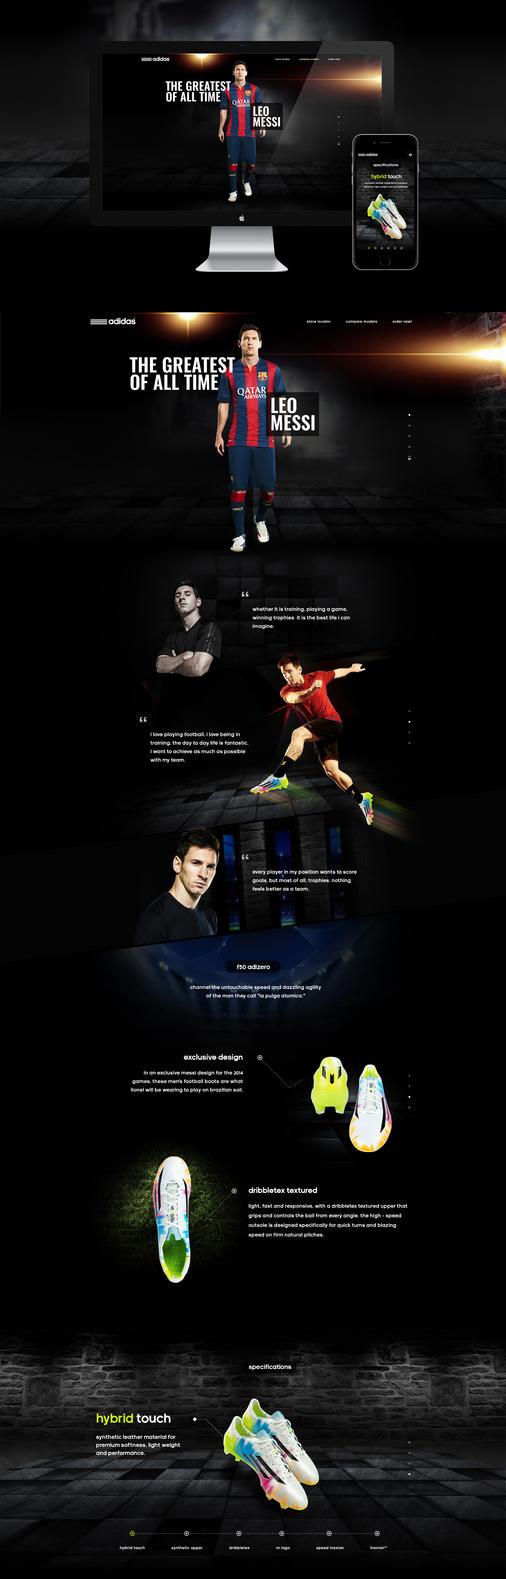 Adidas F50 Adizero Campaign by rp-designs